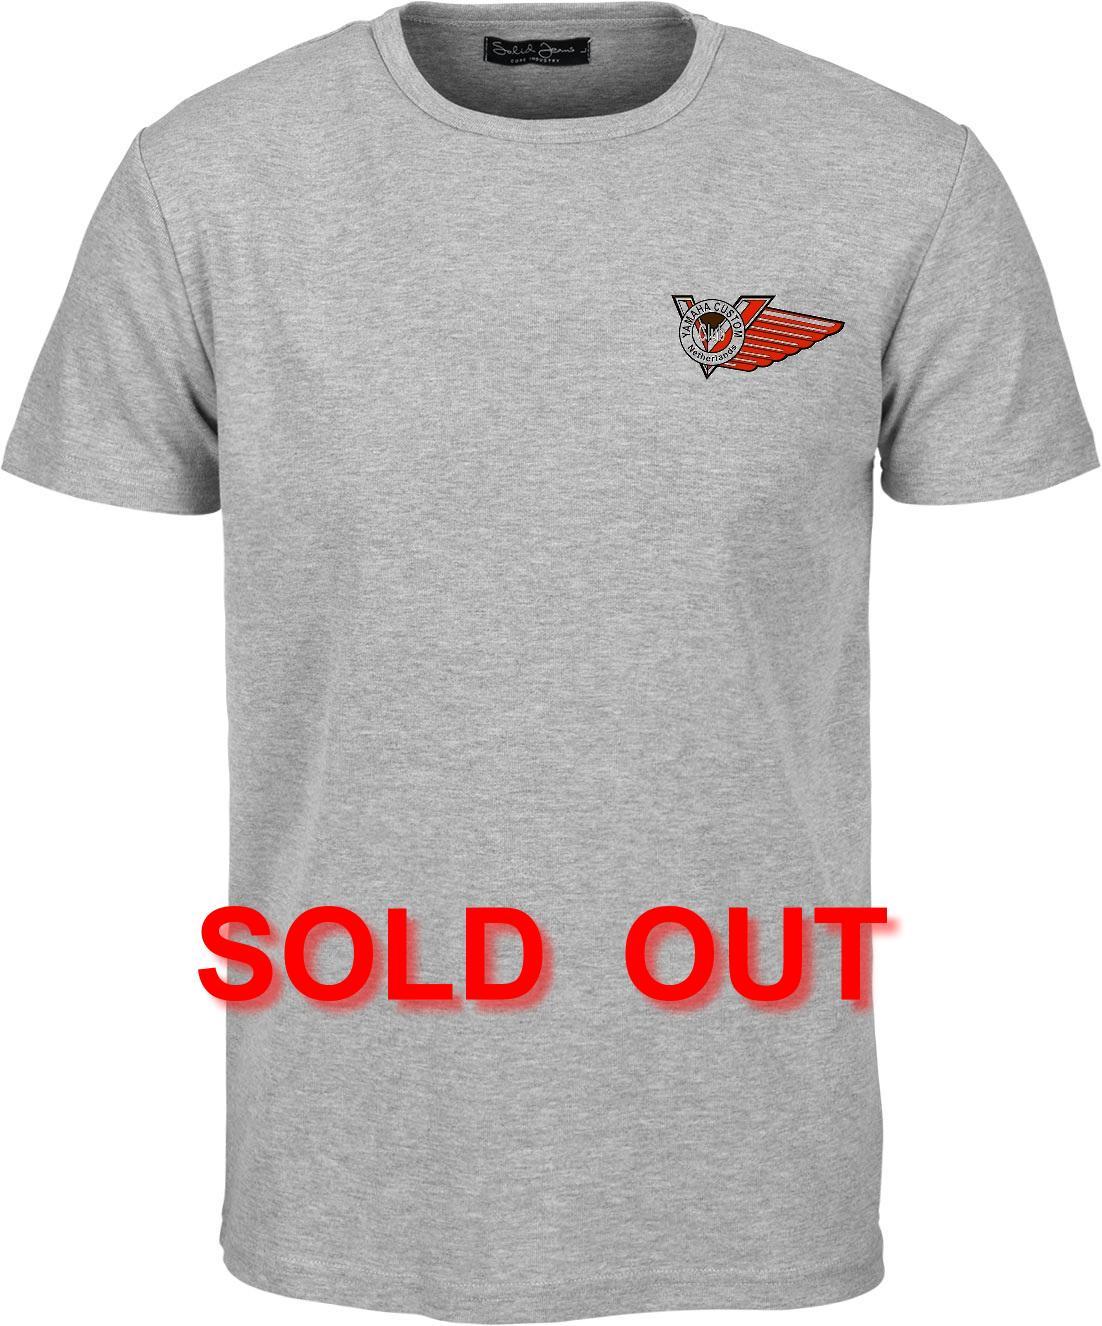 t-shirt-yccnl-1